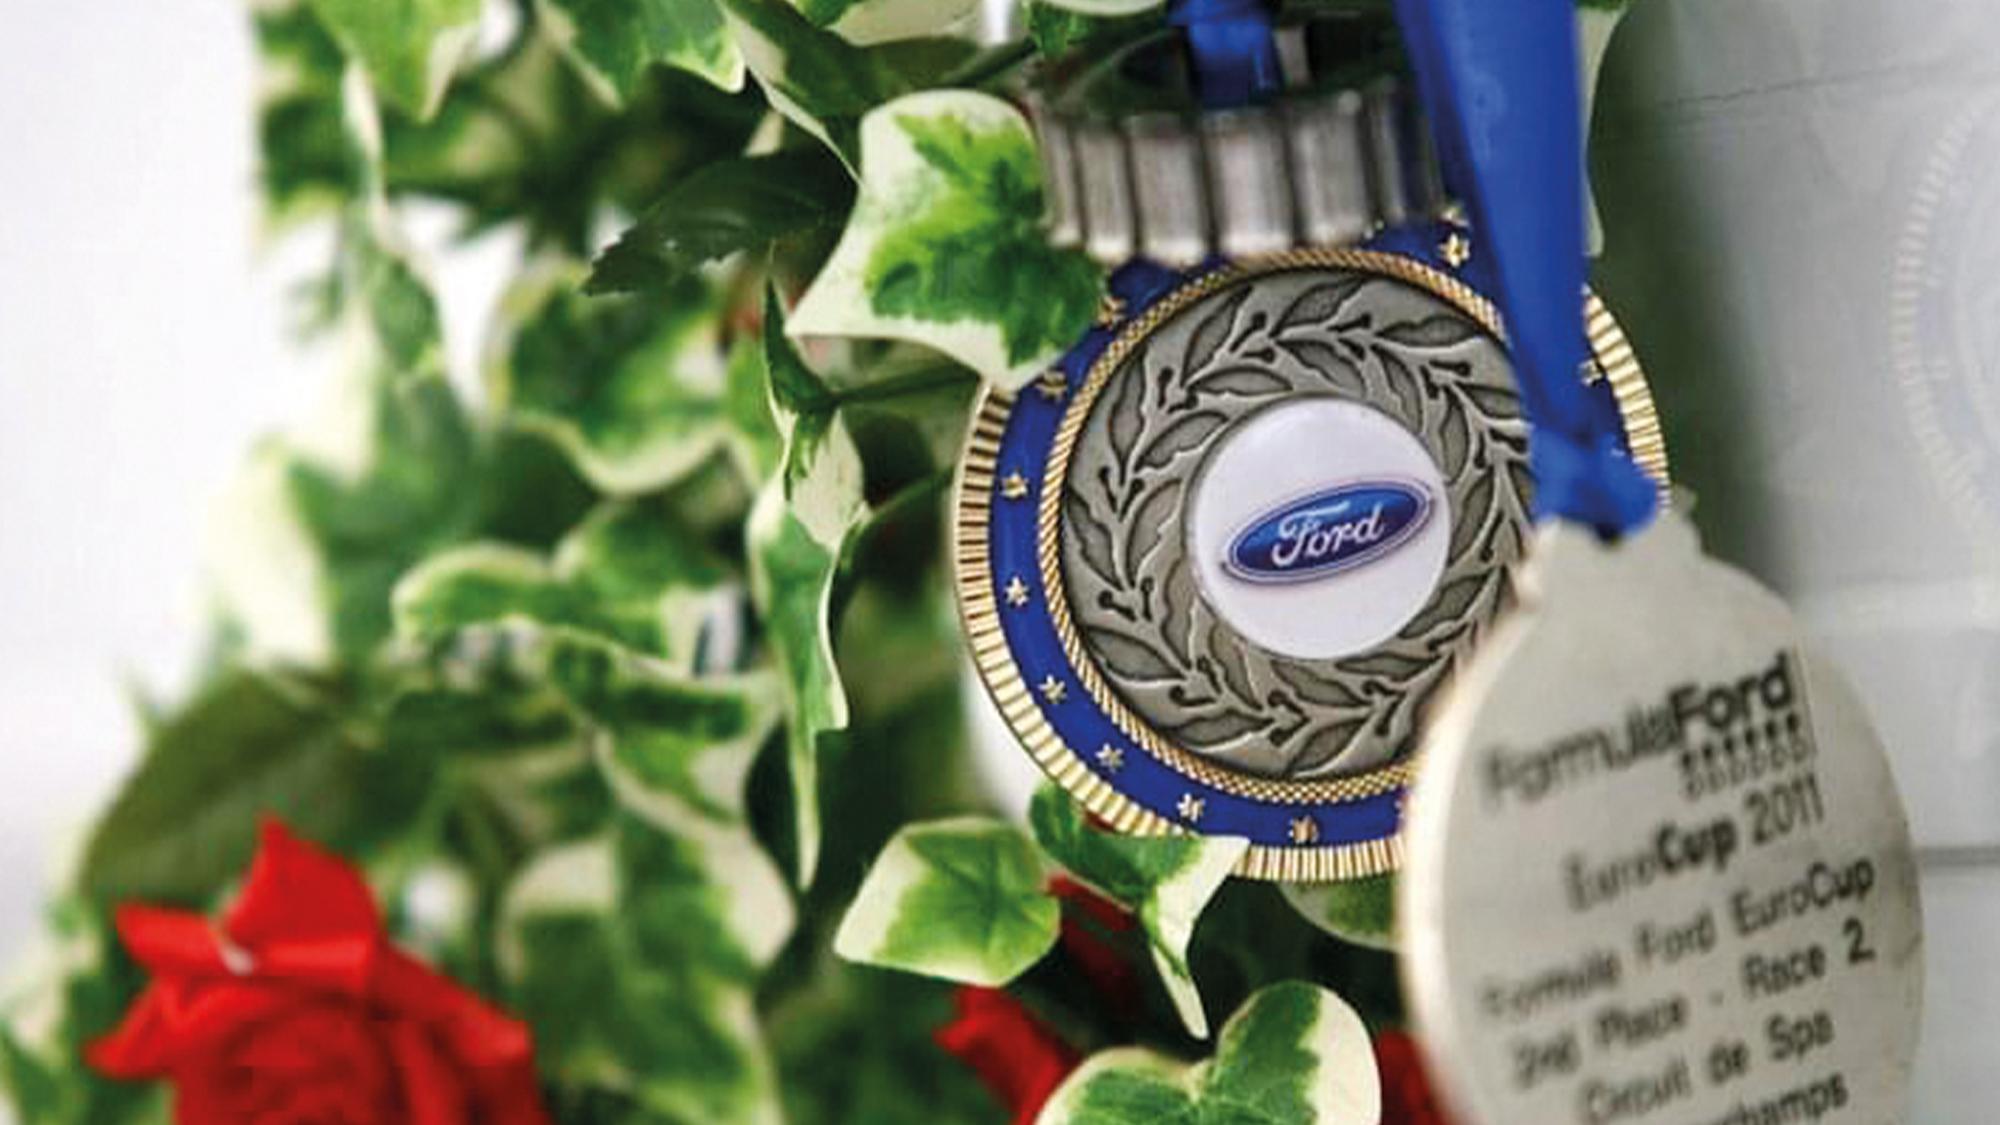 Formula Ford Eurocup medal